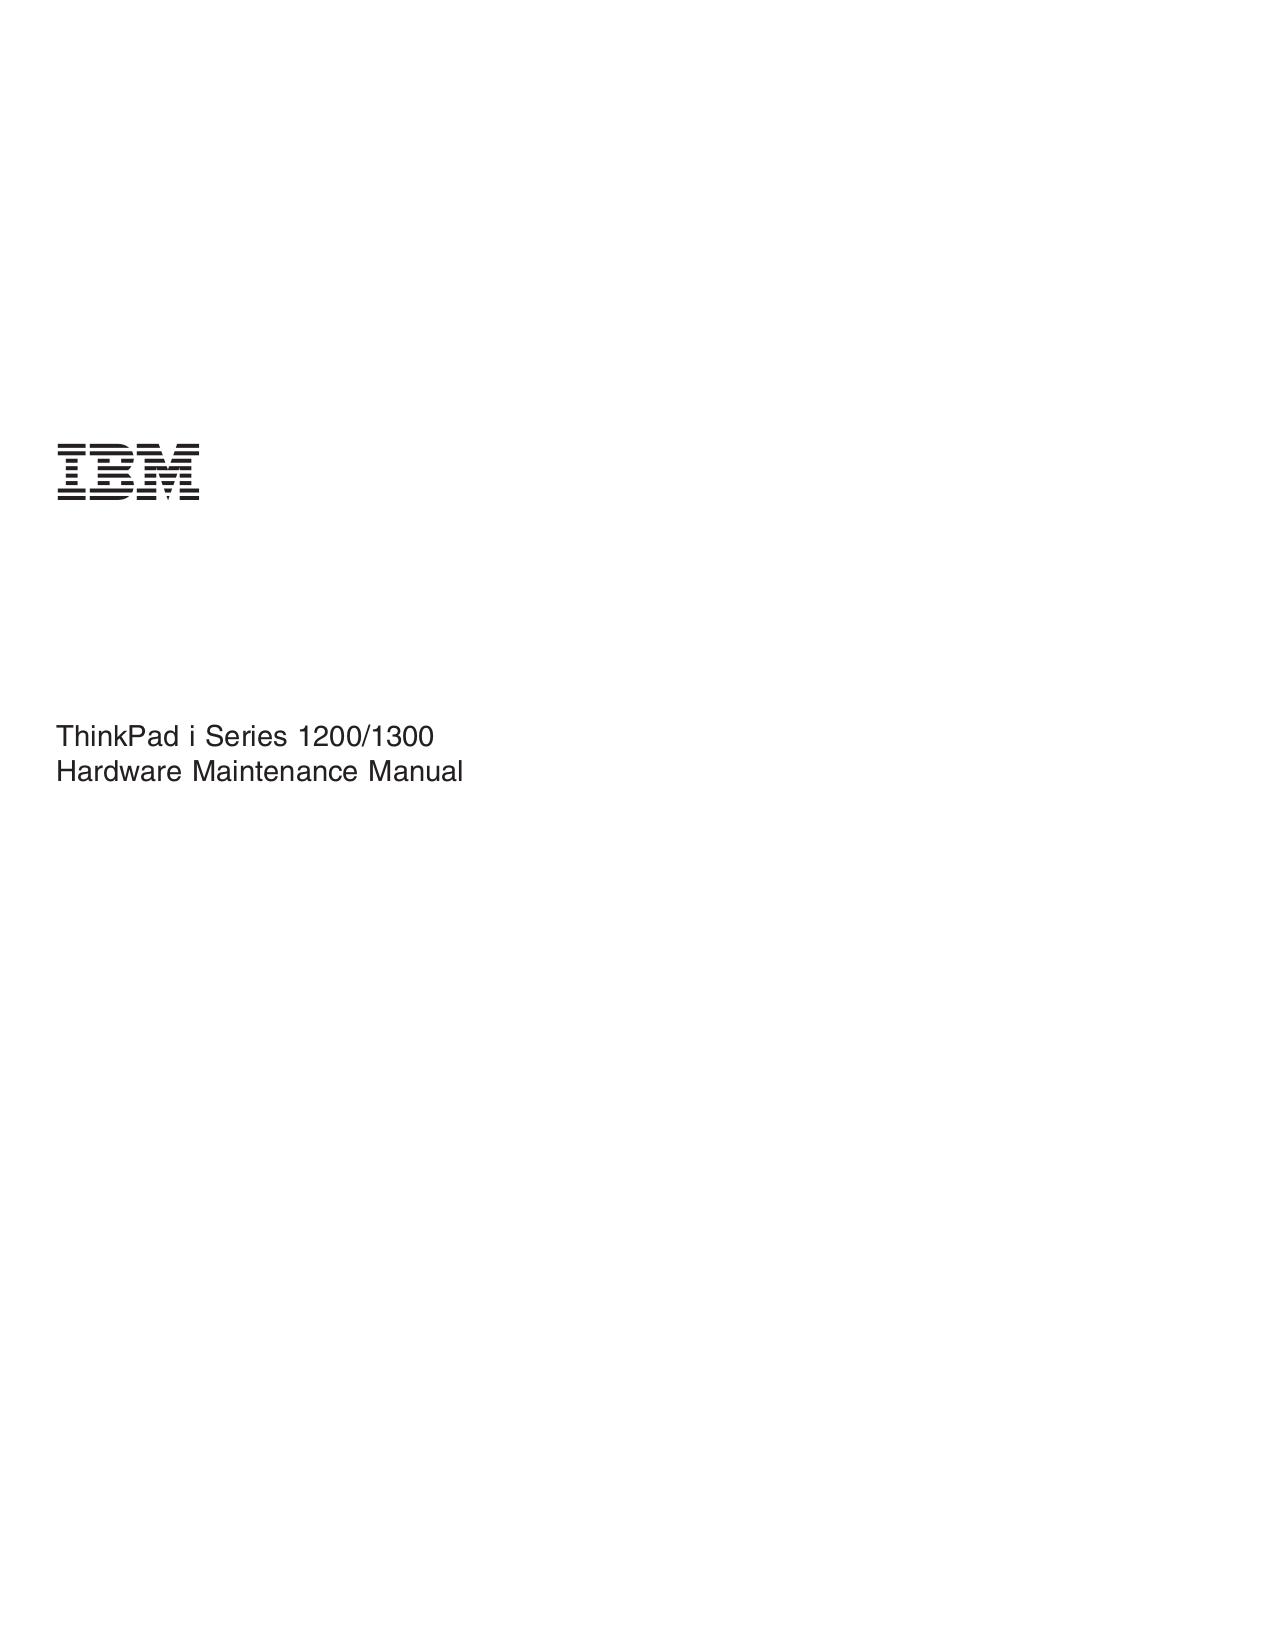 pdf for IBM Laptop ThinkPad 310P manual